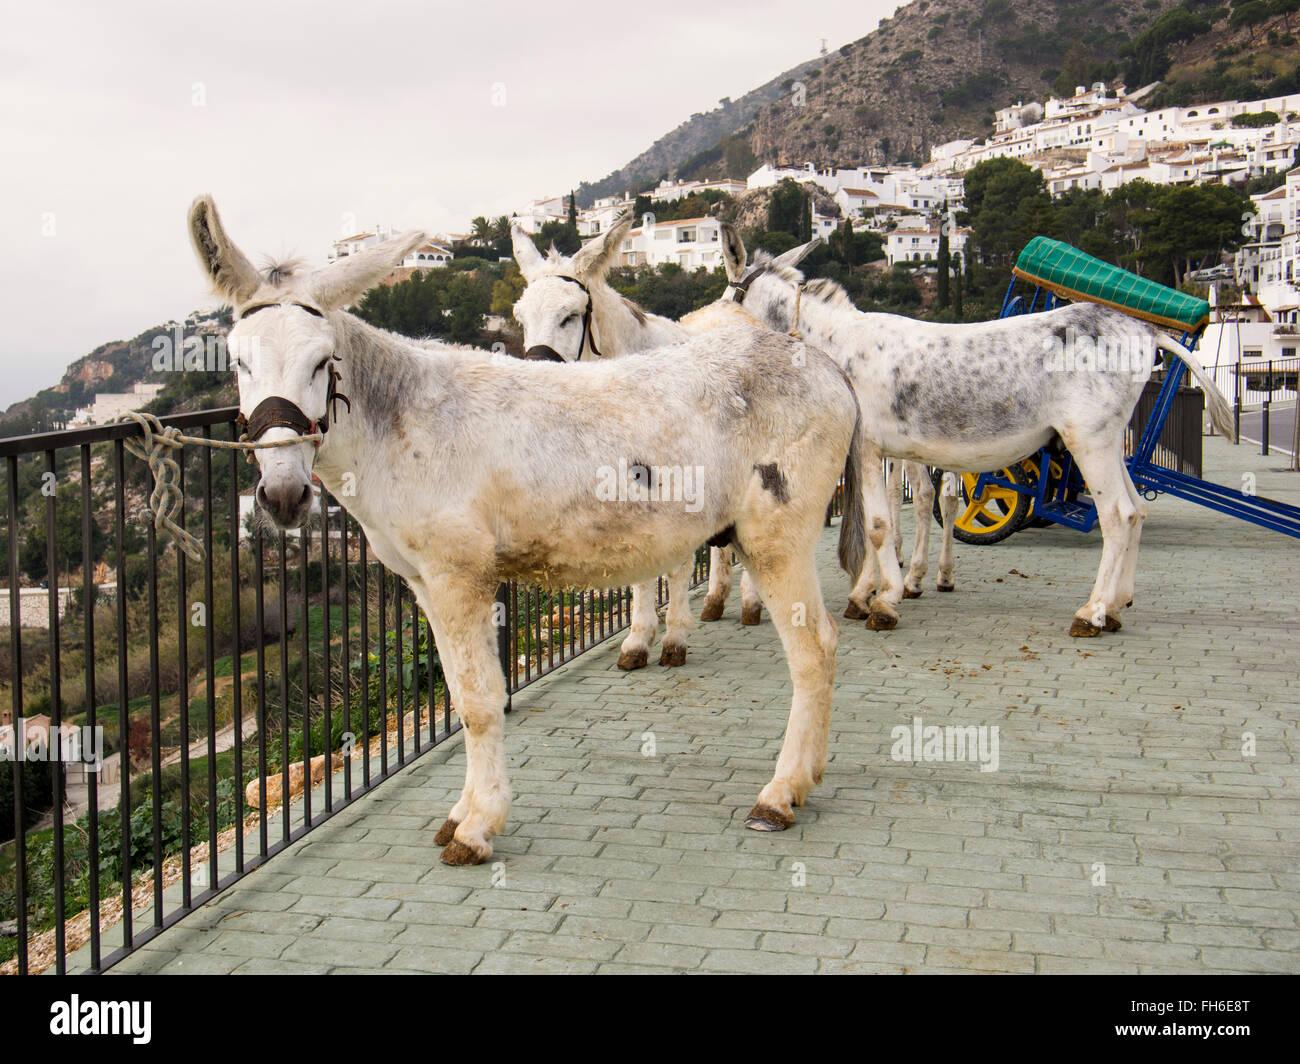 Burro typique village blanc âne taxi, Mijas, Malaga province Costa del Sol. Andalousie le sud de l'Espagne Photo Stock